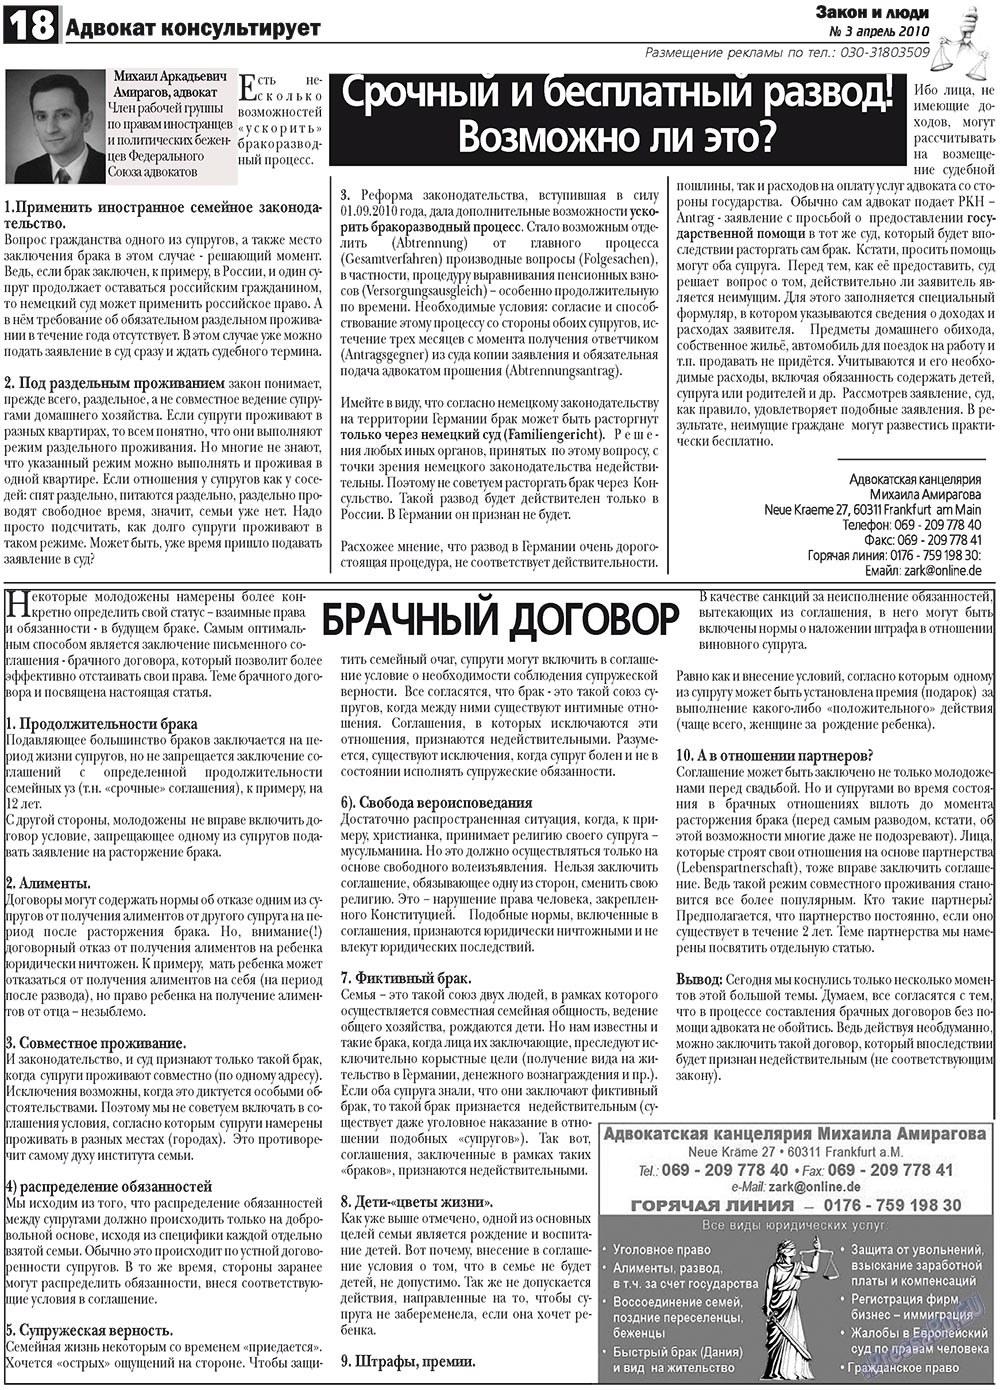 Закон и люди (газета). 2010 год, номер 3, стр. 18